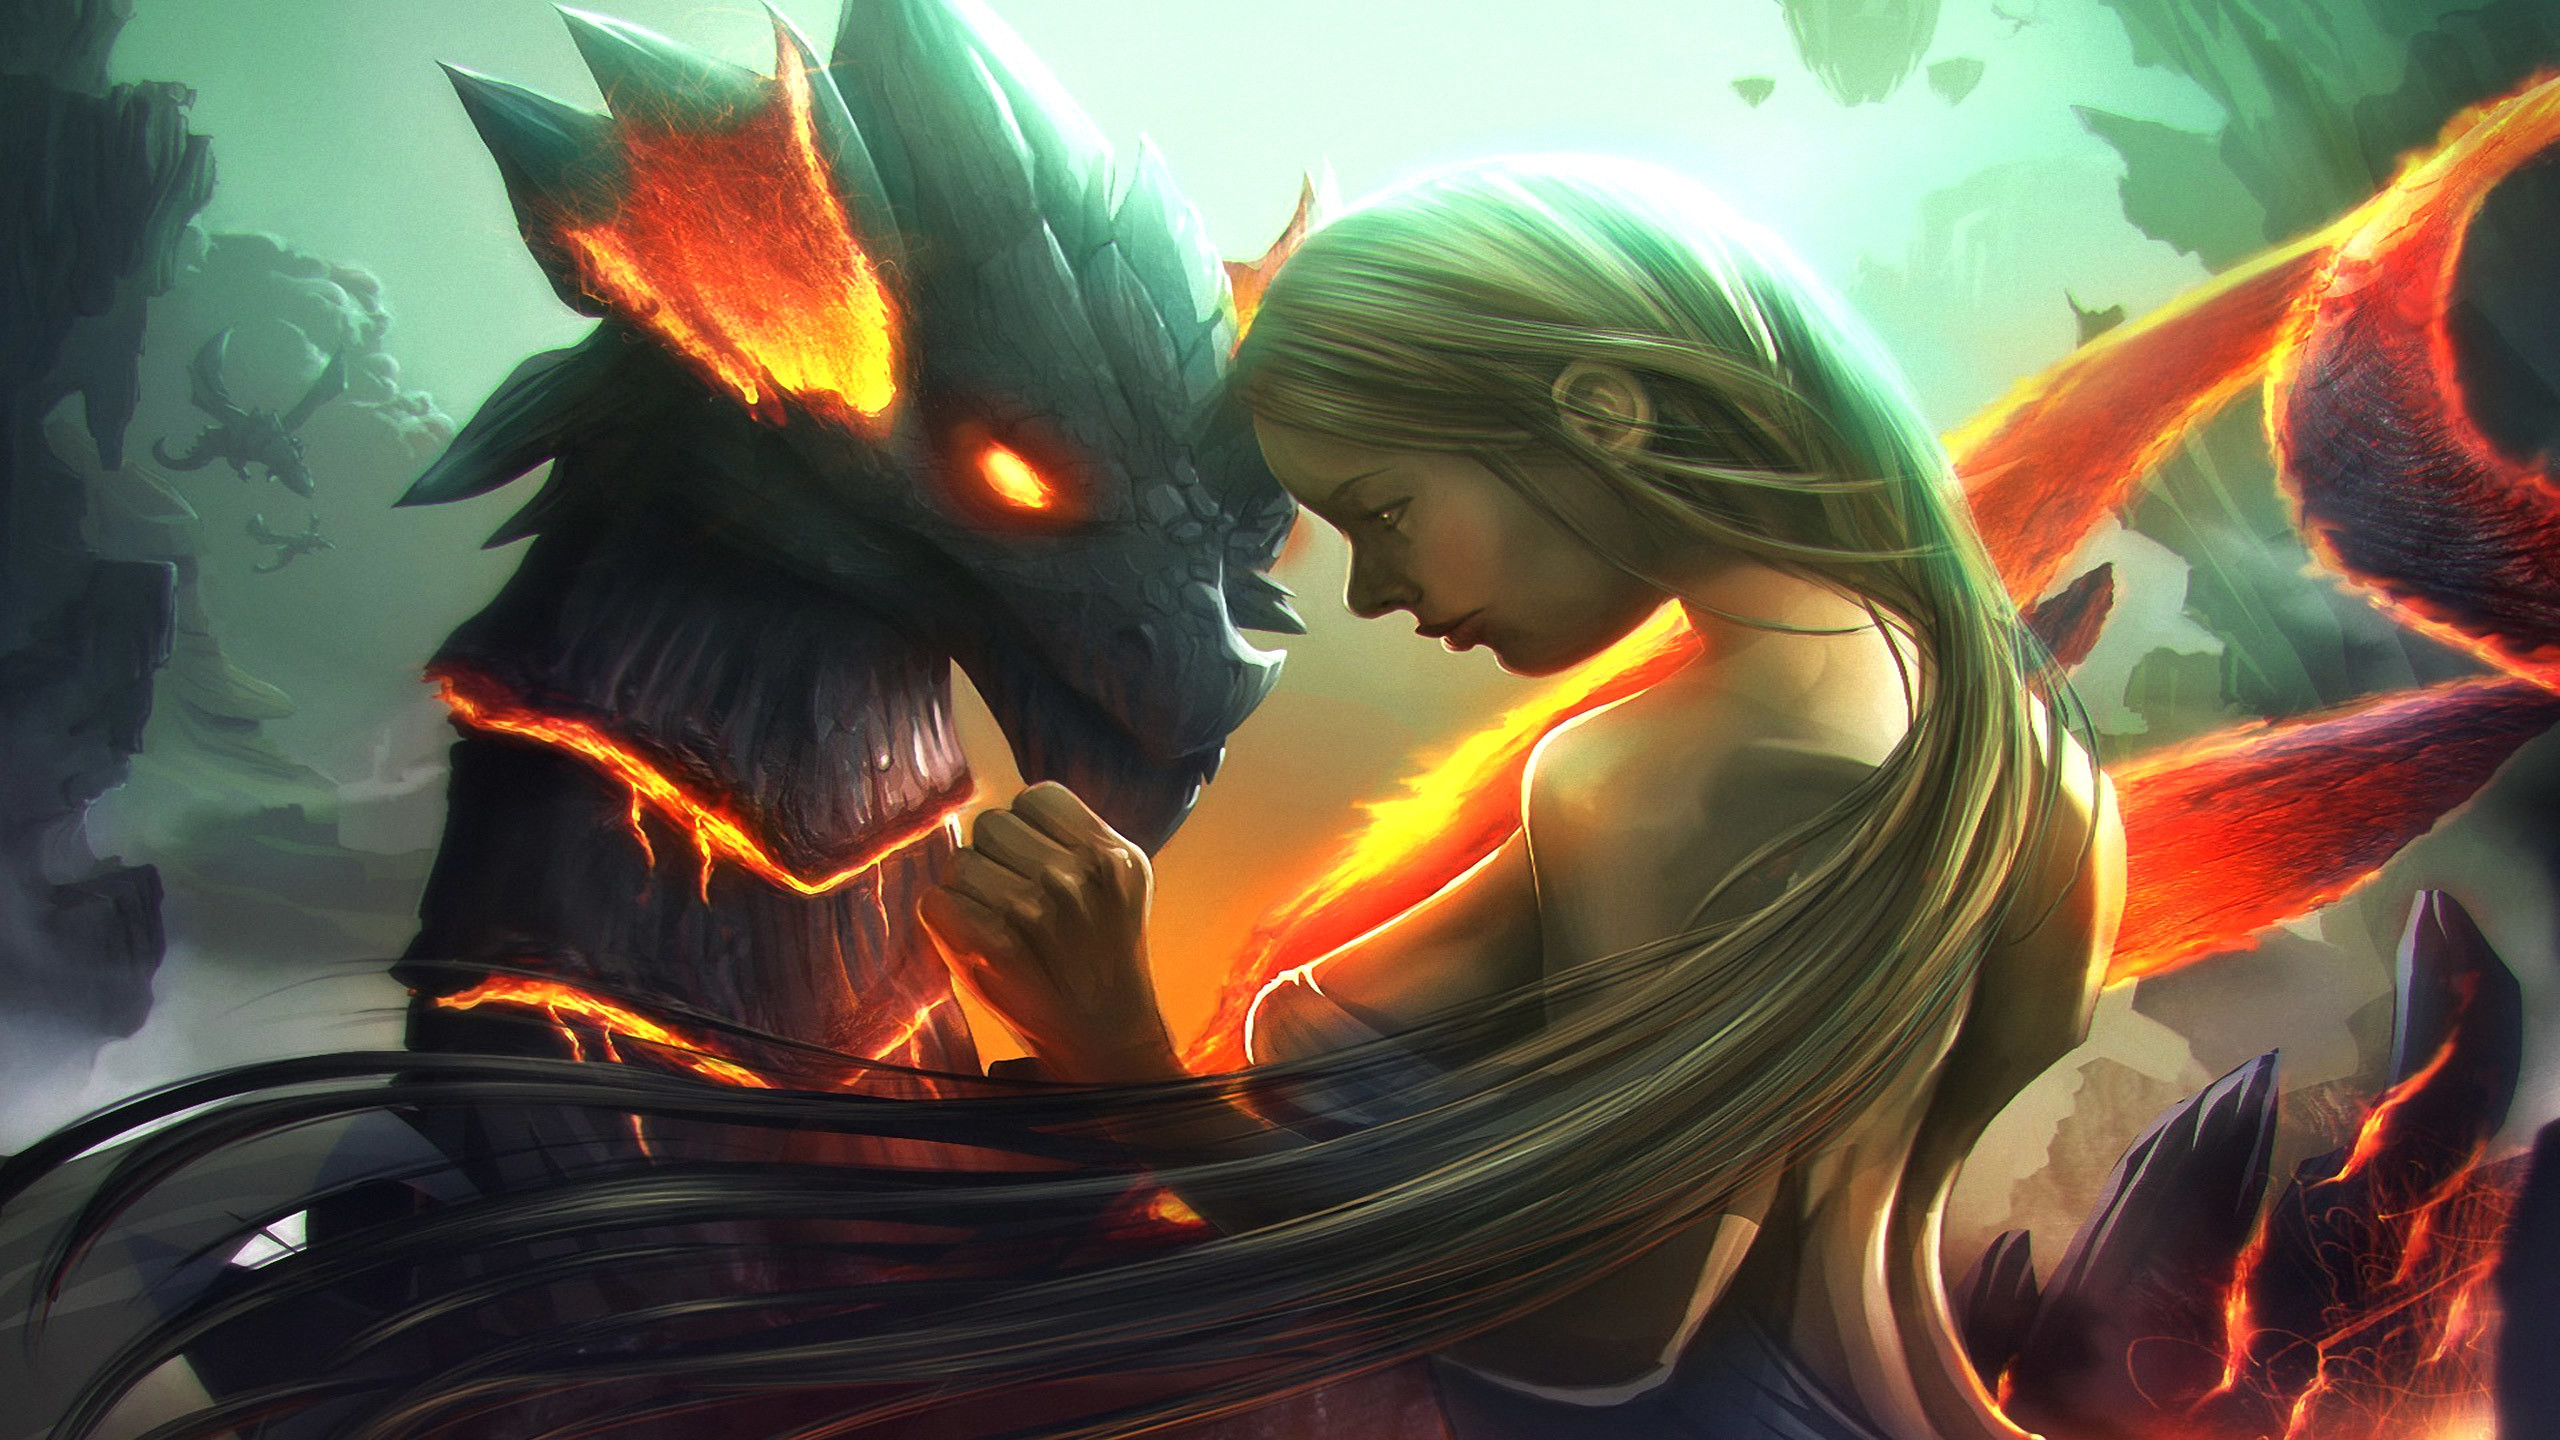 Dragons Wings Fantasy Dragon Wallpaper At Wallpapers 2000x1500